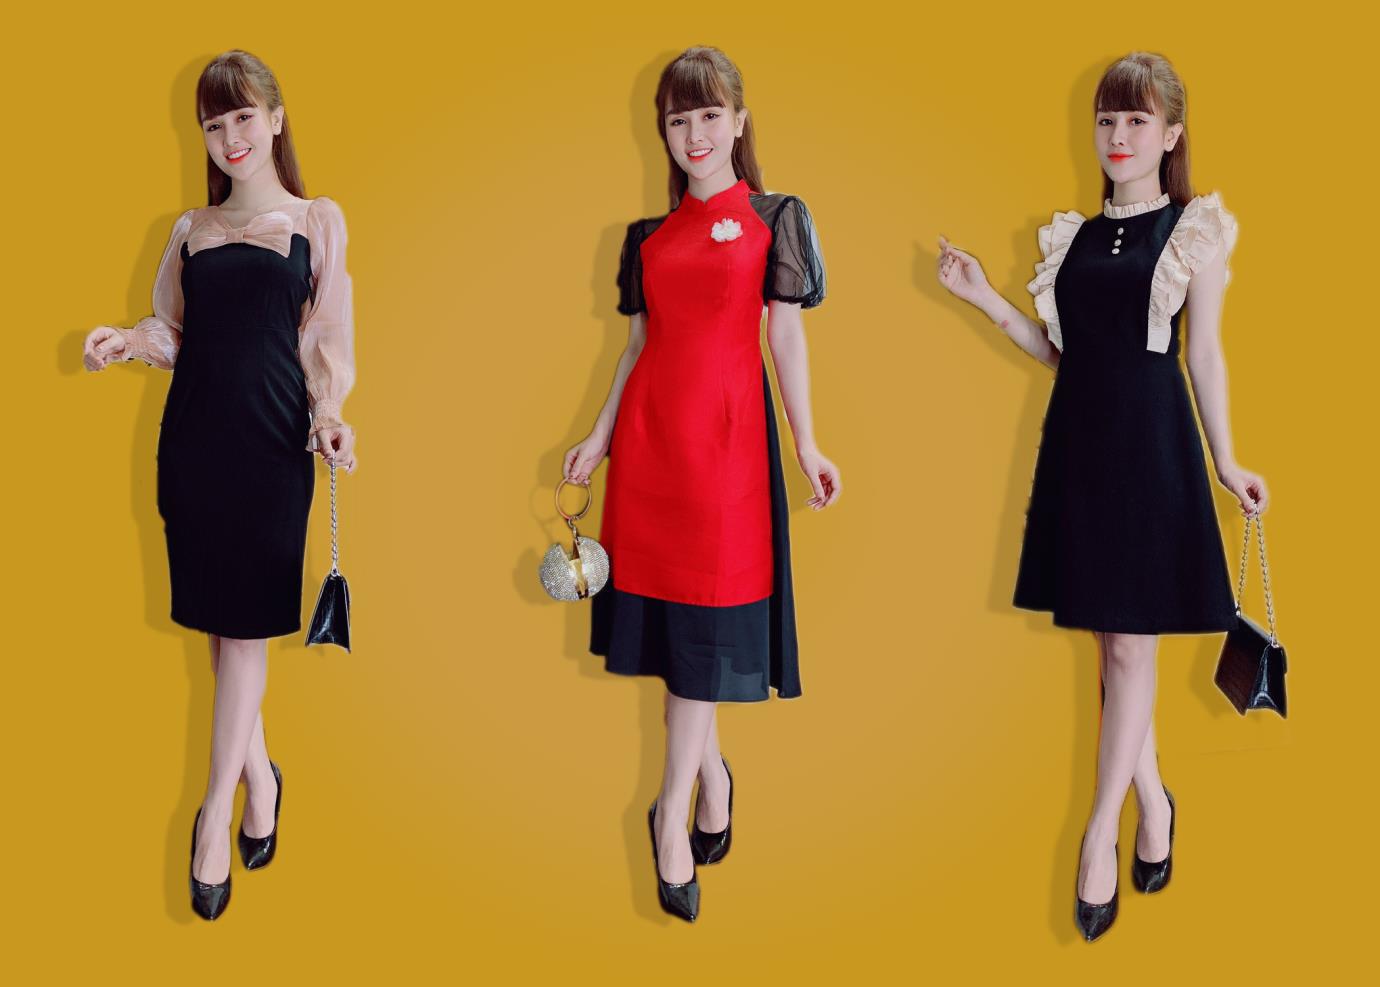 Thương Lê Boutique - Thương hiệu thời trang thiết kế cao cấp cho phái đẹp - Ảnh 3.